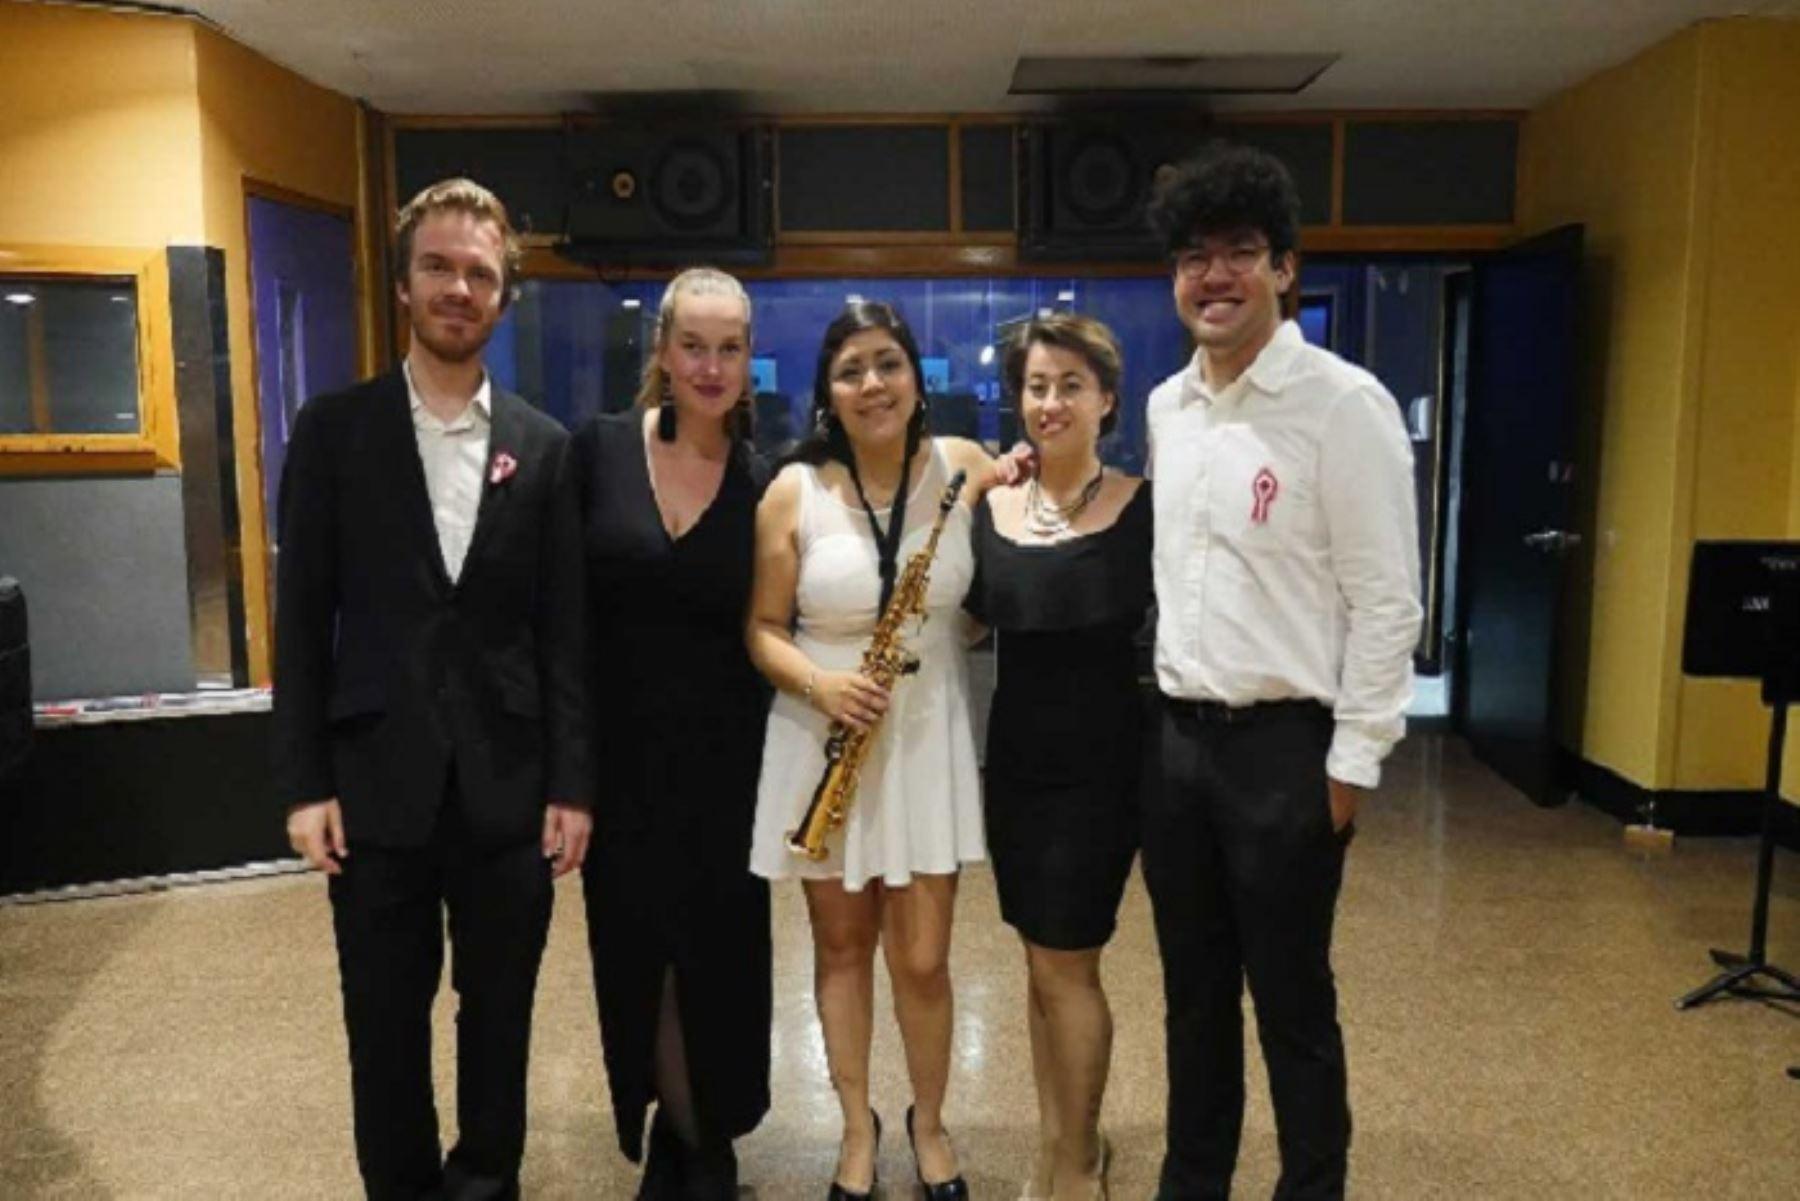 Los cuatro cantantes que interpretan nuestro Himno Nacional en quechua proceden de Bulgaria, Polonia, Filipinas y Estados Unidos.